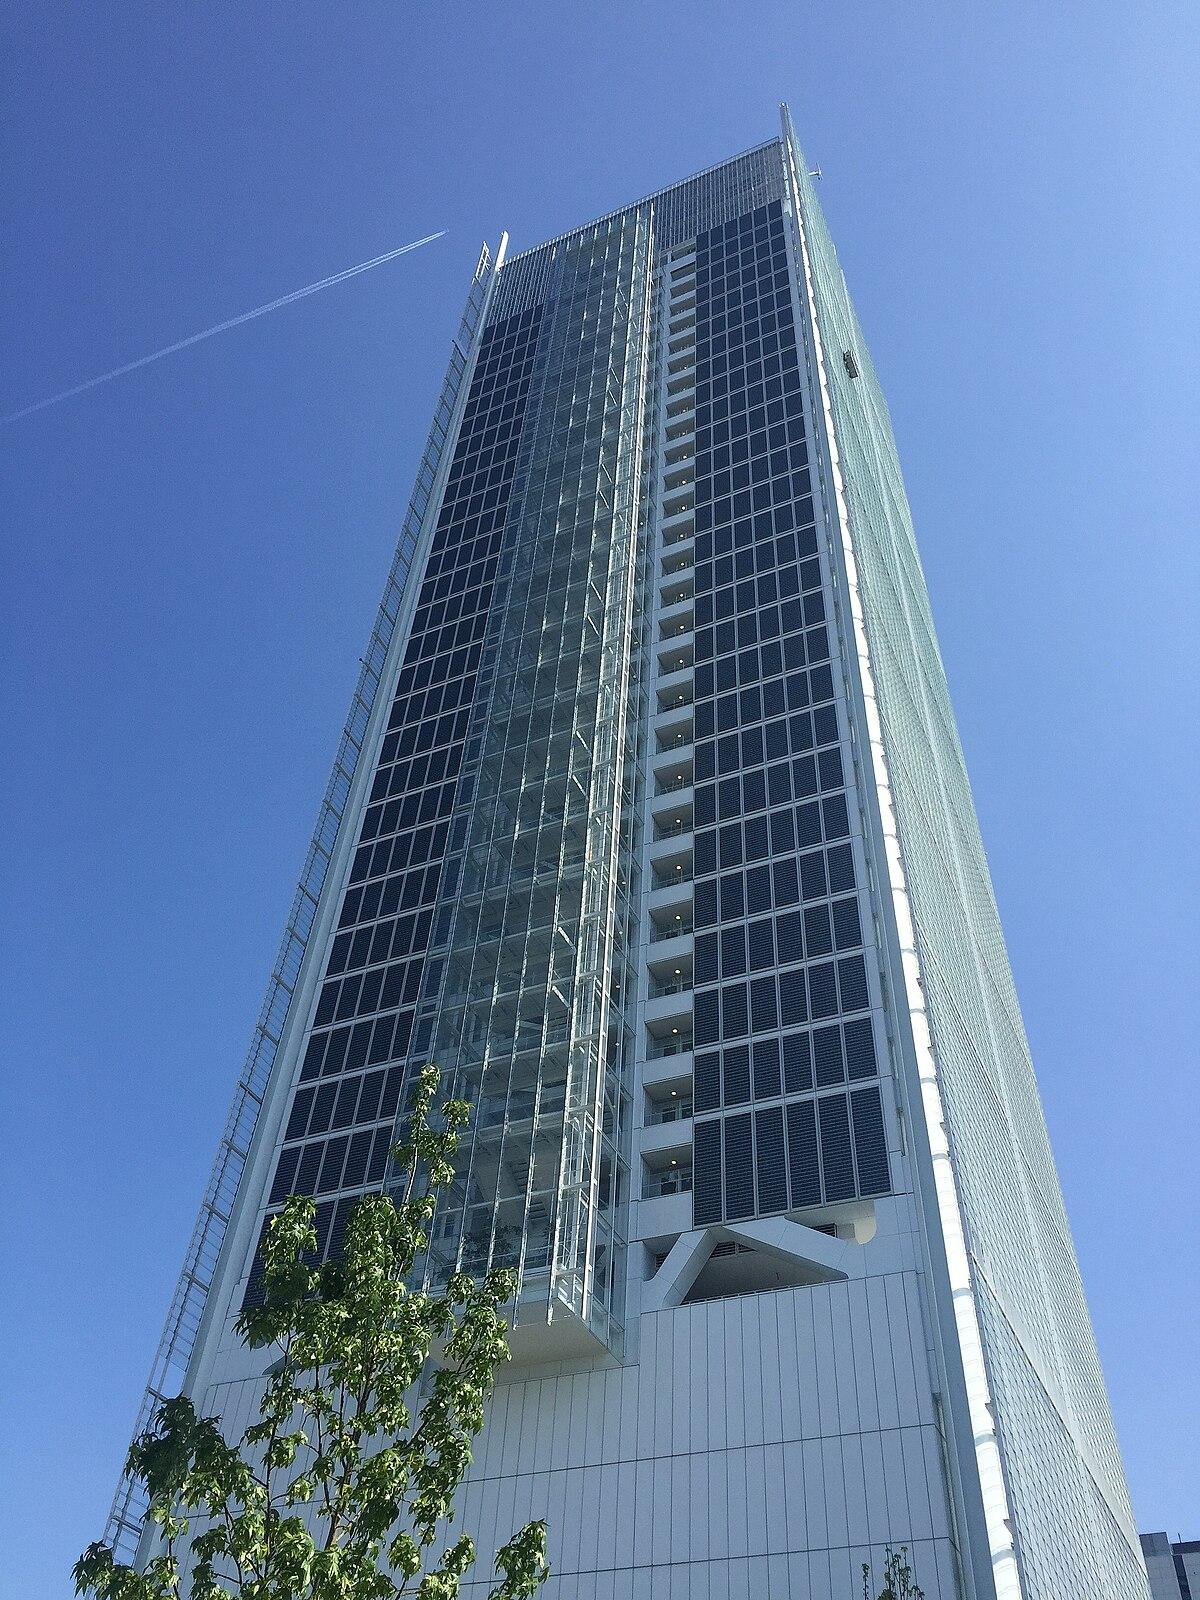 grattacielo intesa sanpaolo wikipedia